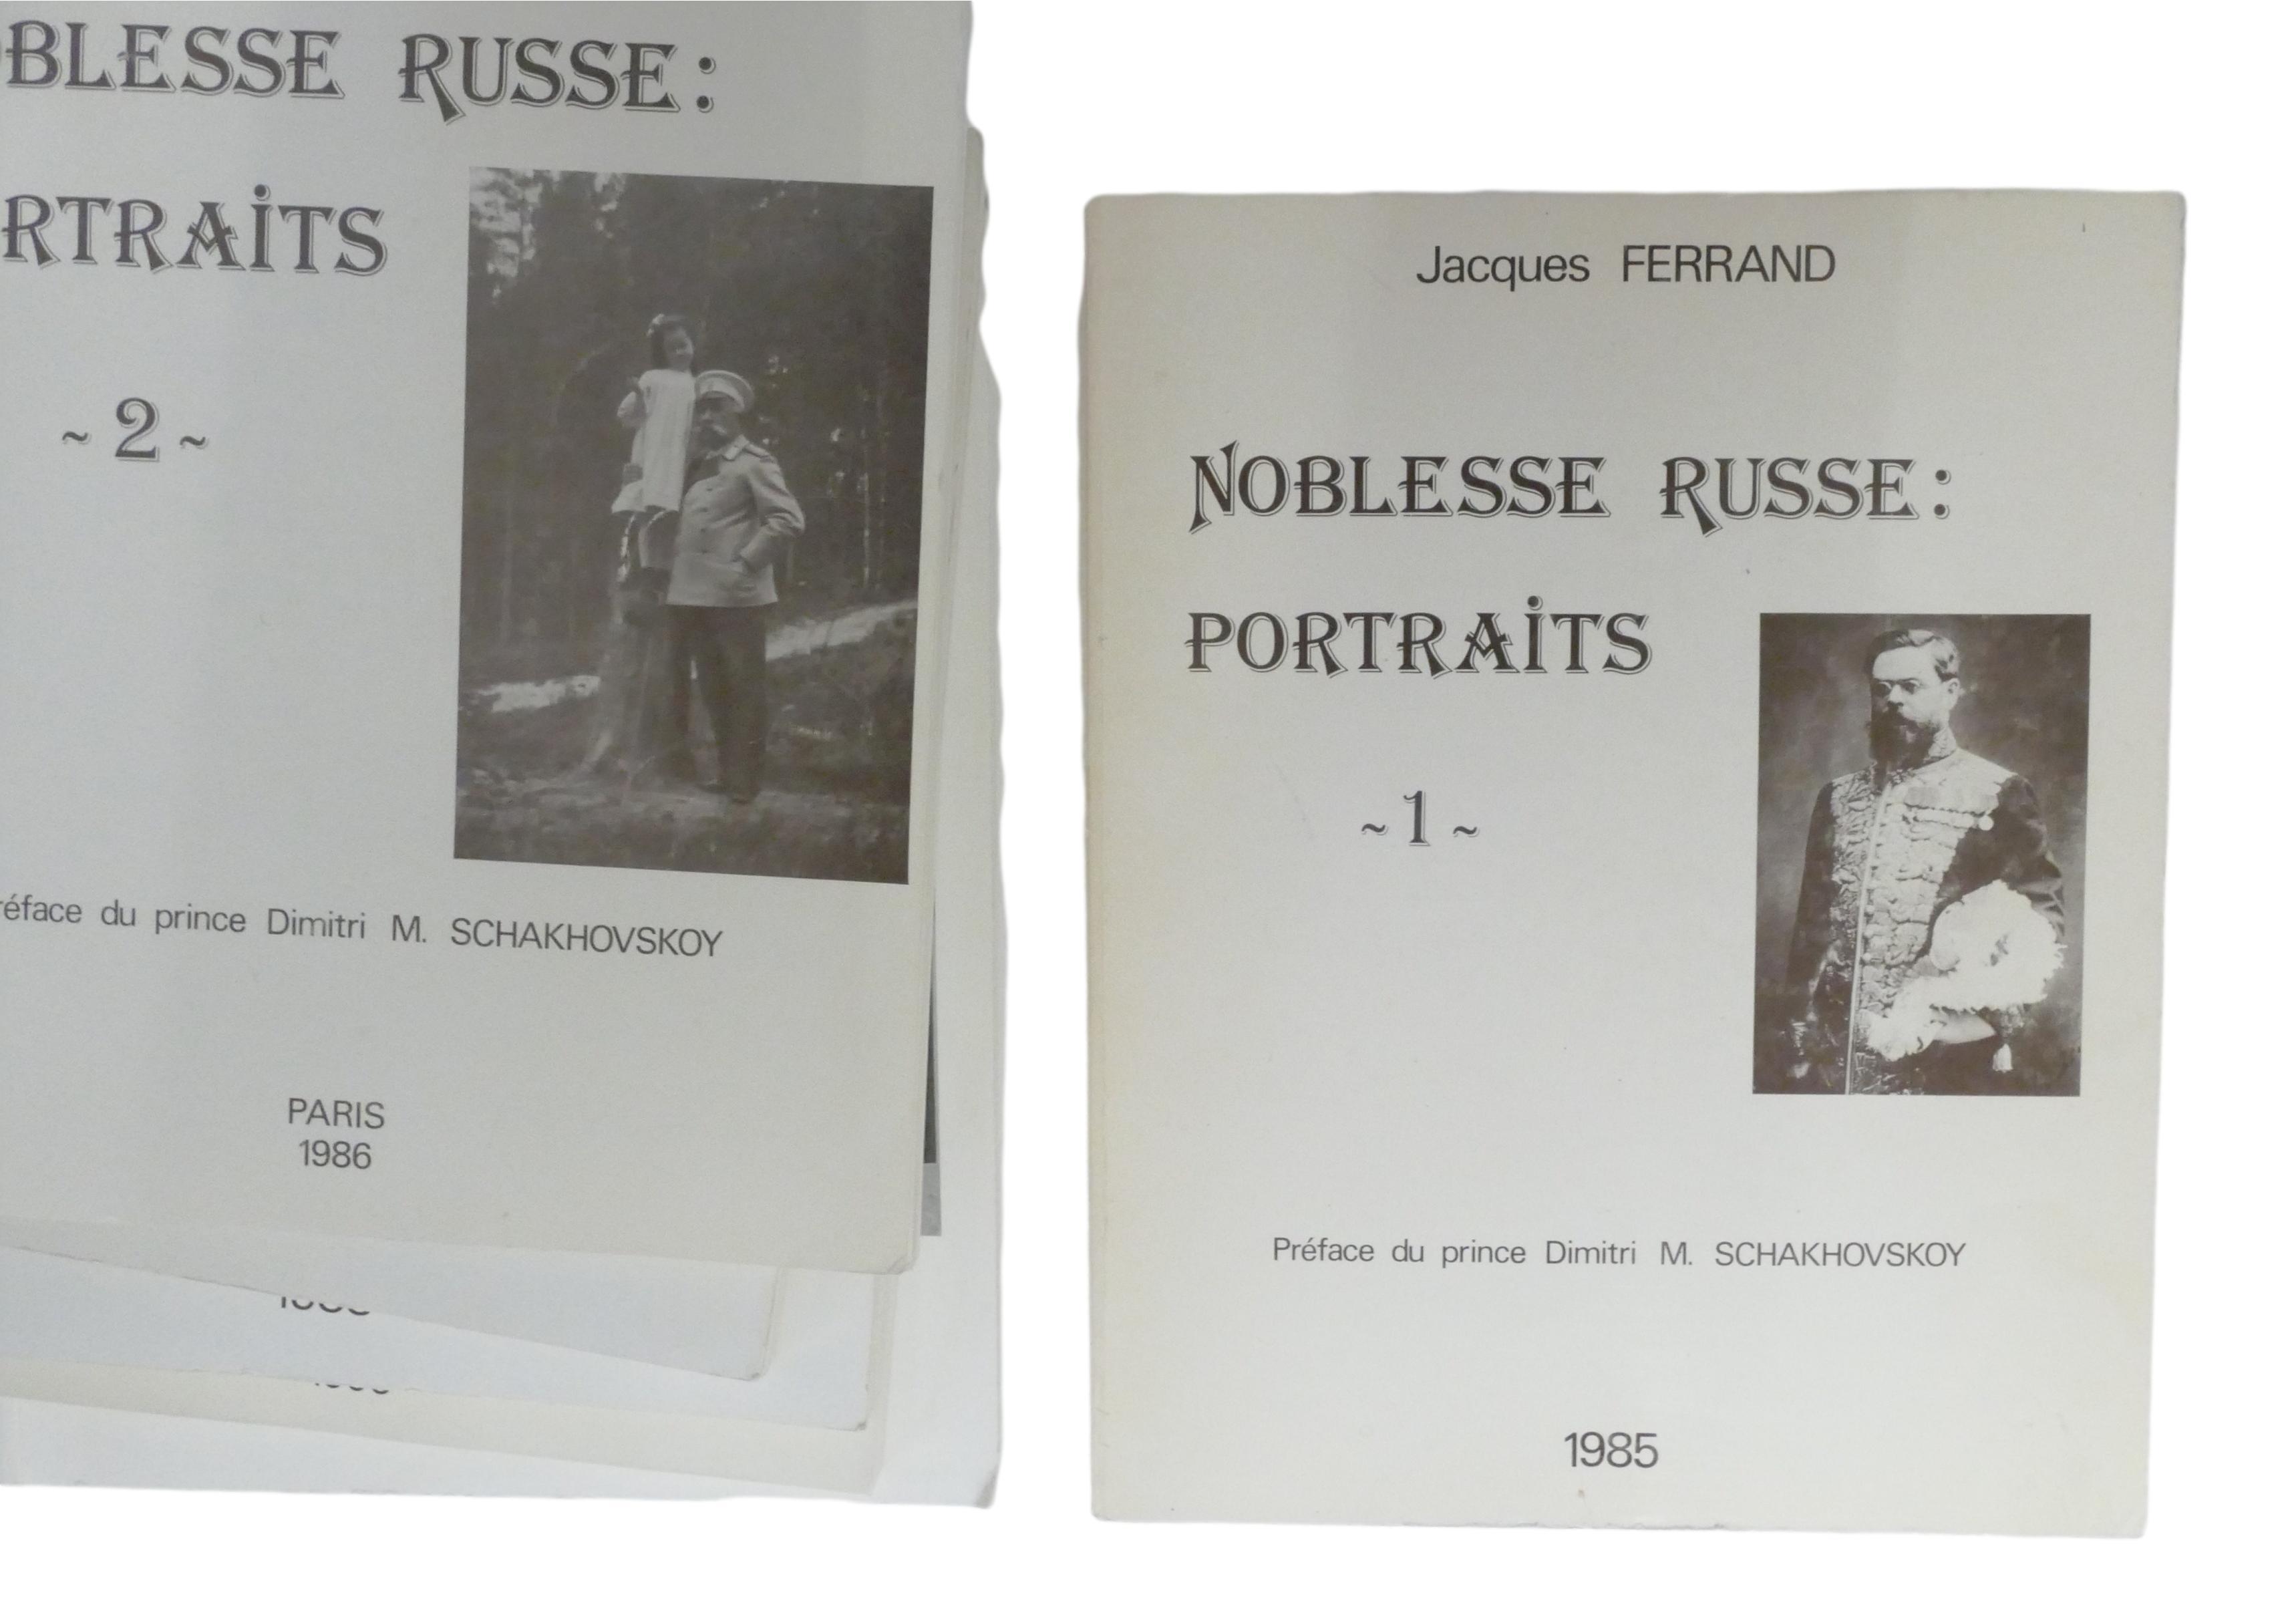 JACQUES FERRAND (1943-2007) Noblesse russe: Portraits Préf. du prince Dimitri M. Schakhovskoy et - Image 4 of 12